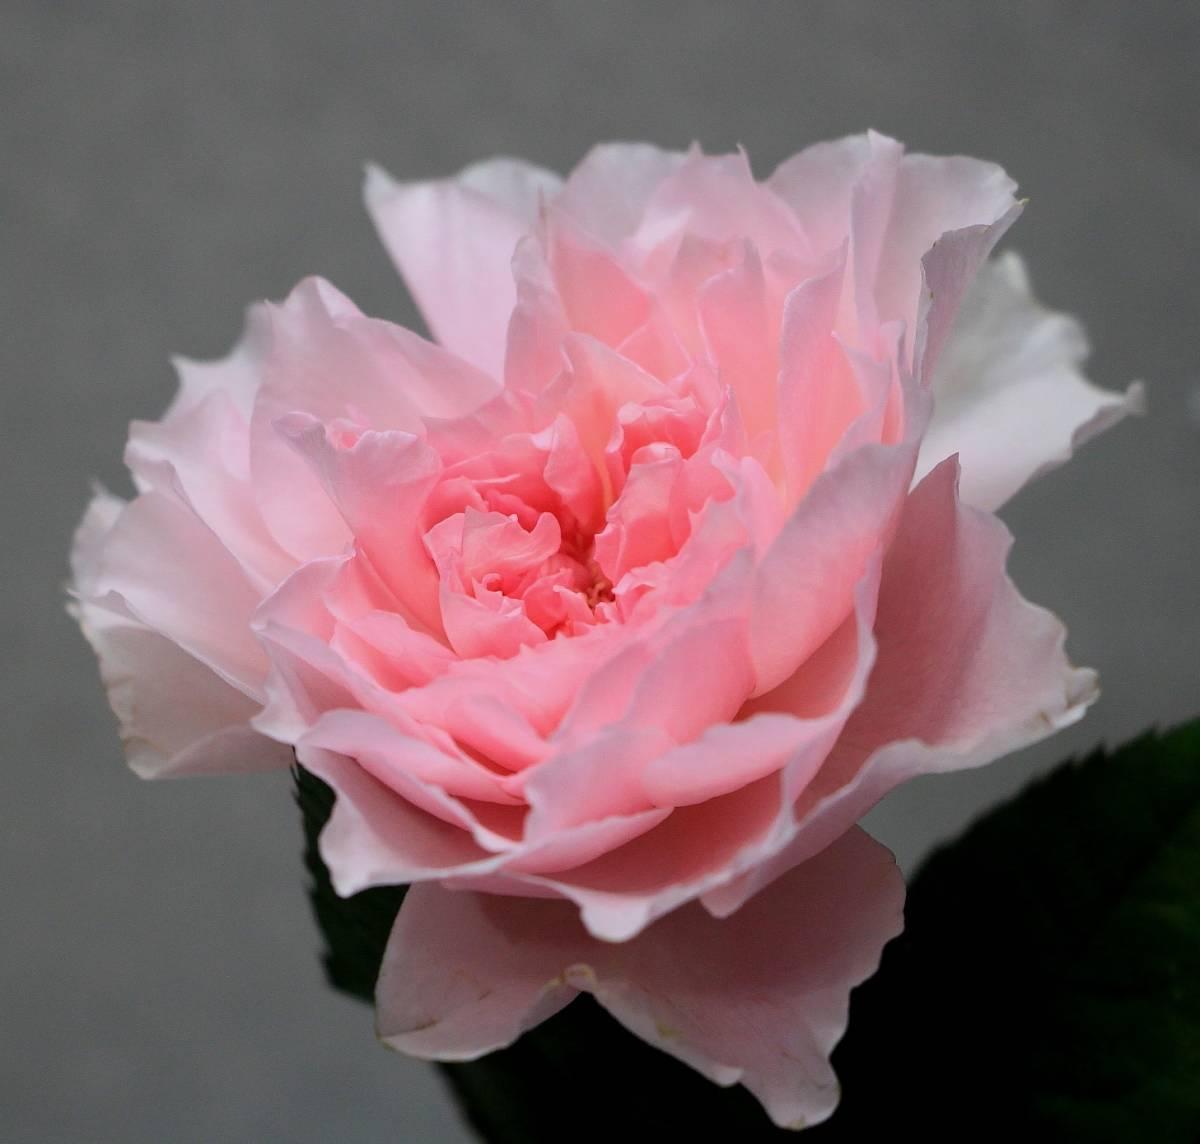 月季花——美咲(Misaki,みさき)